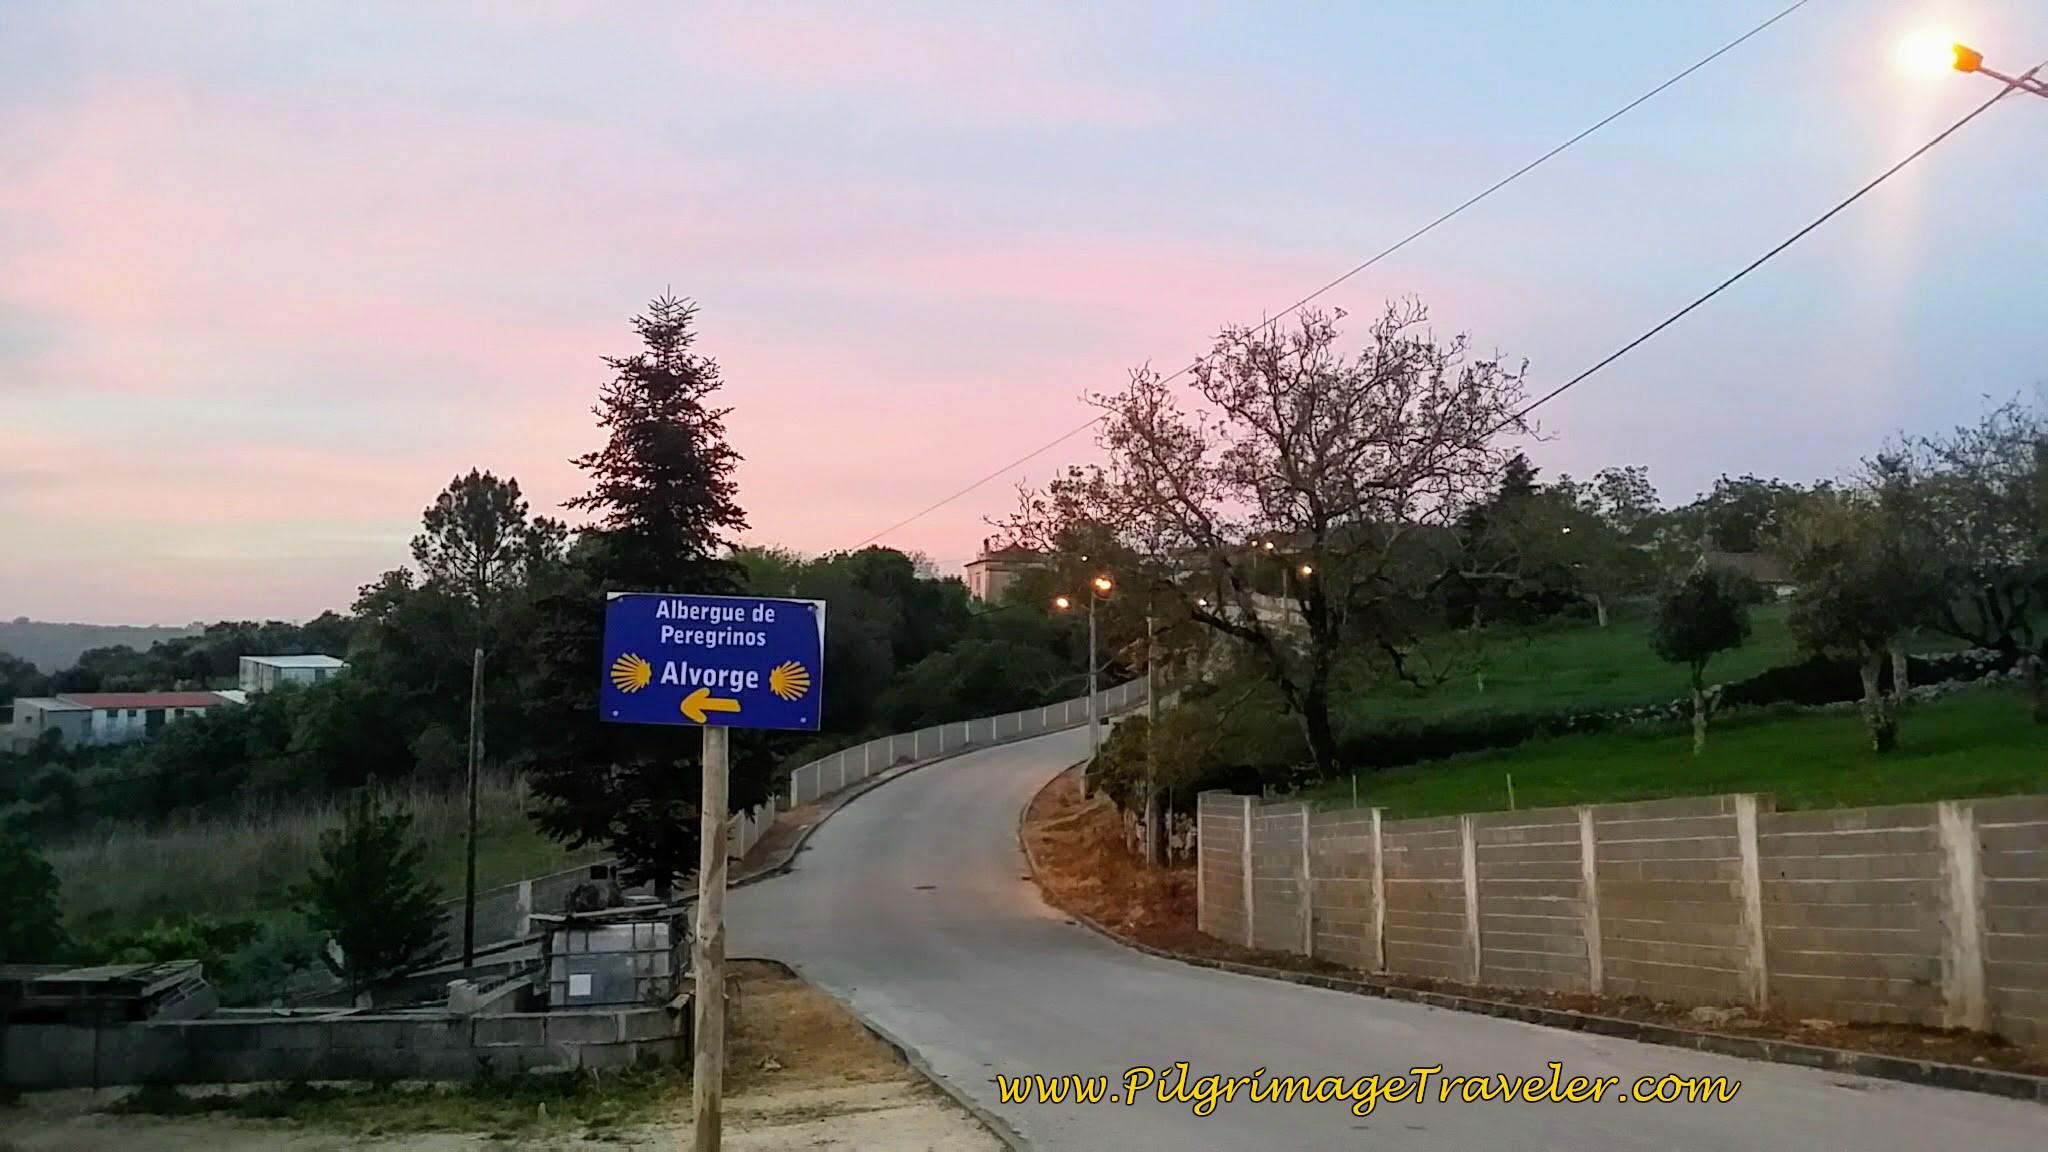 Sign for Albergue de Peregrinos